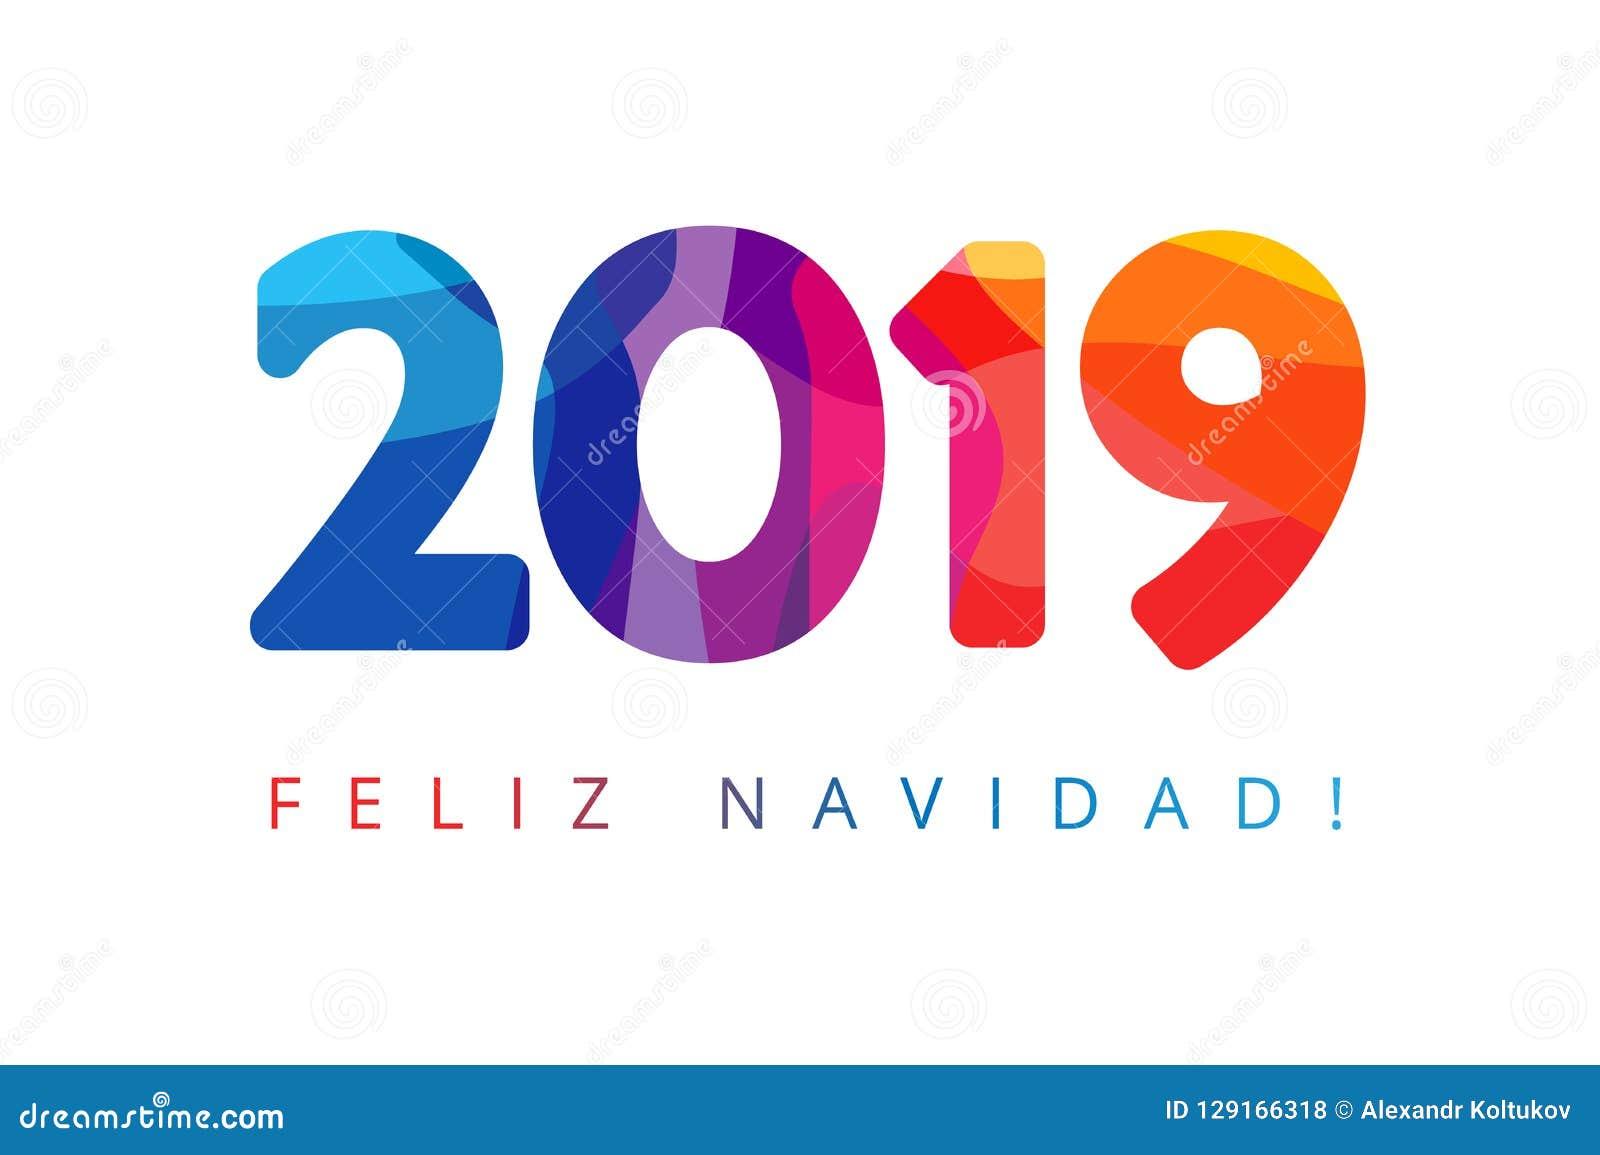 Weihnachten Grüße Bilder.2019 Feliz Navidad Weihnachtsspanische Grüße übersetzen Frohe